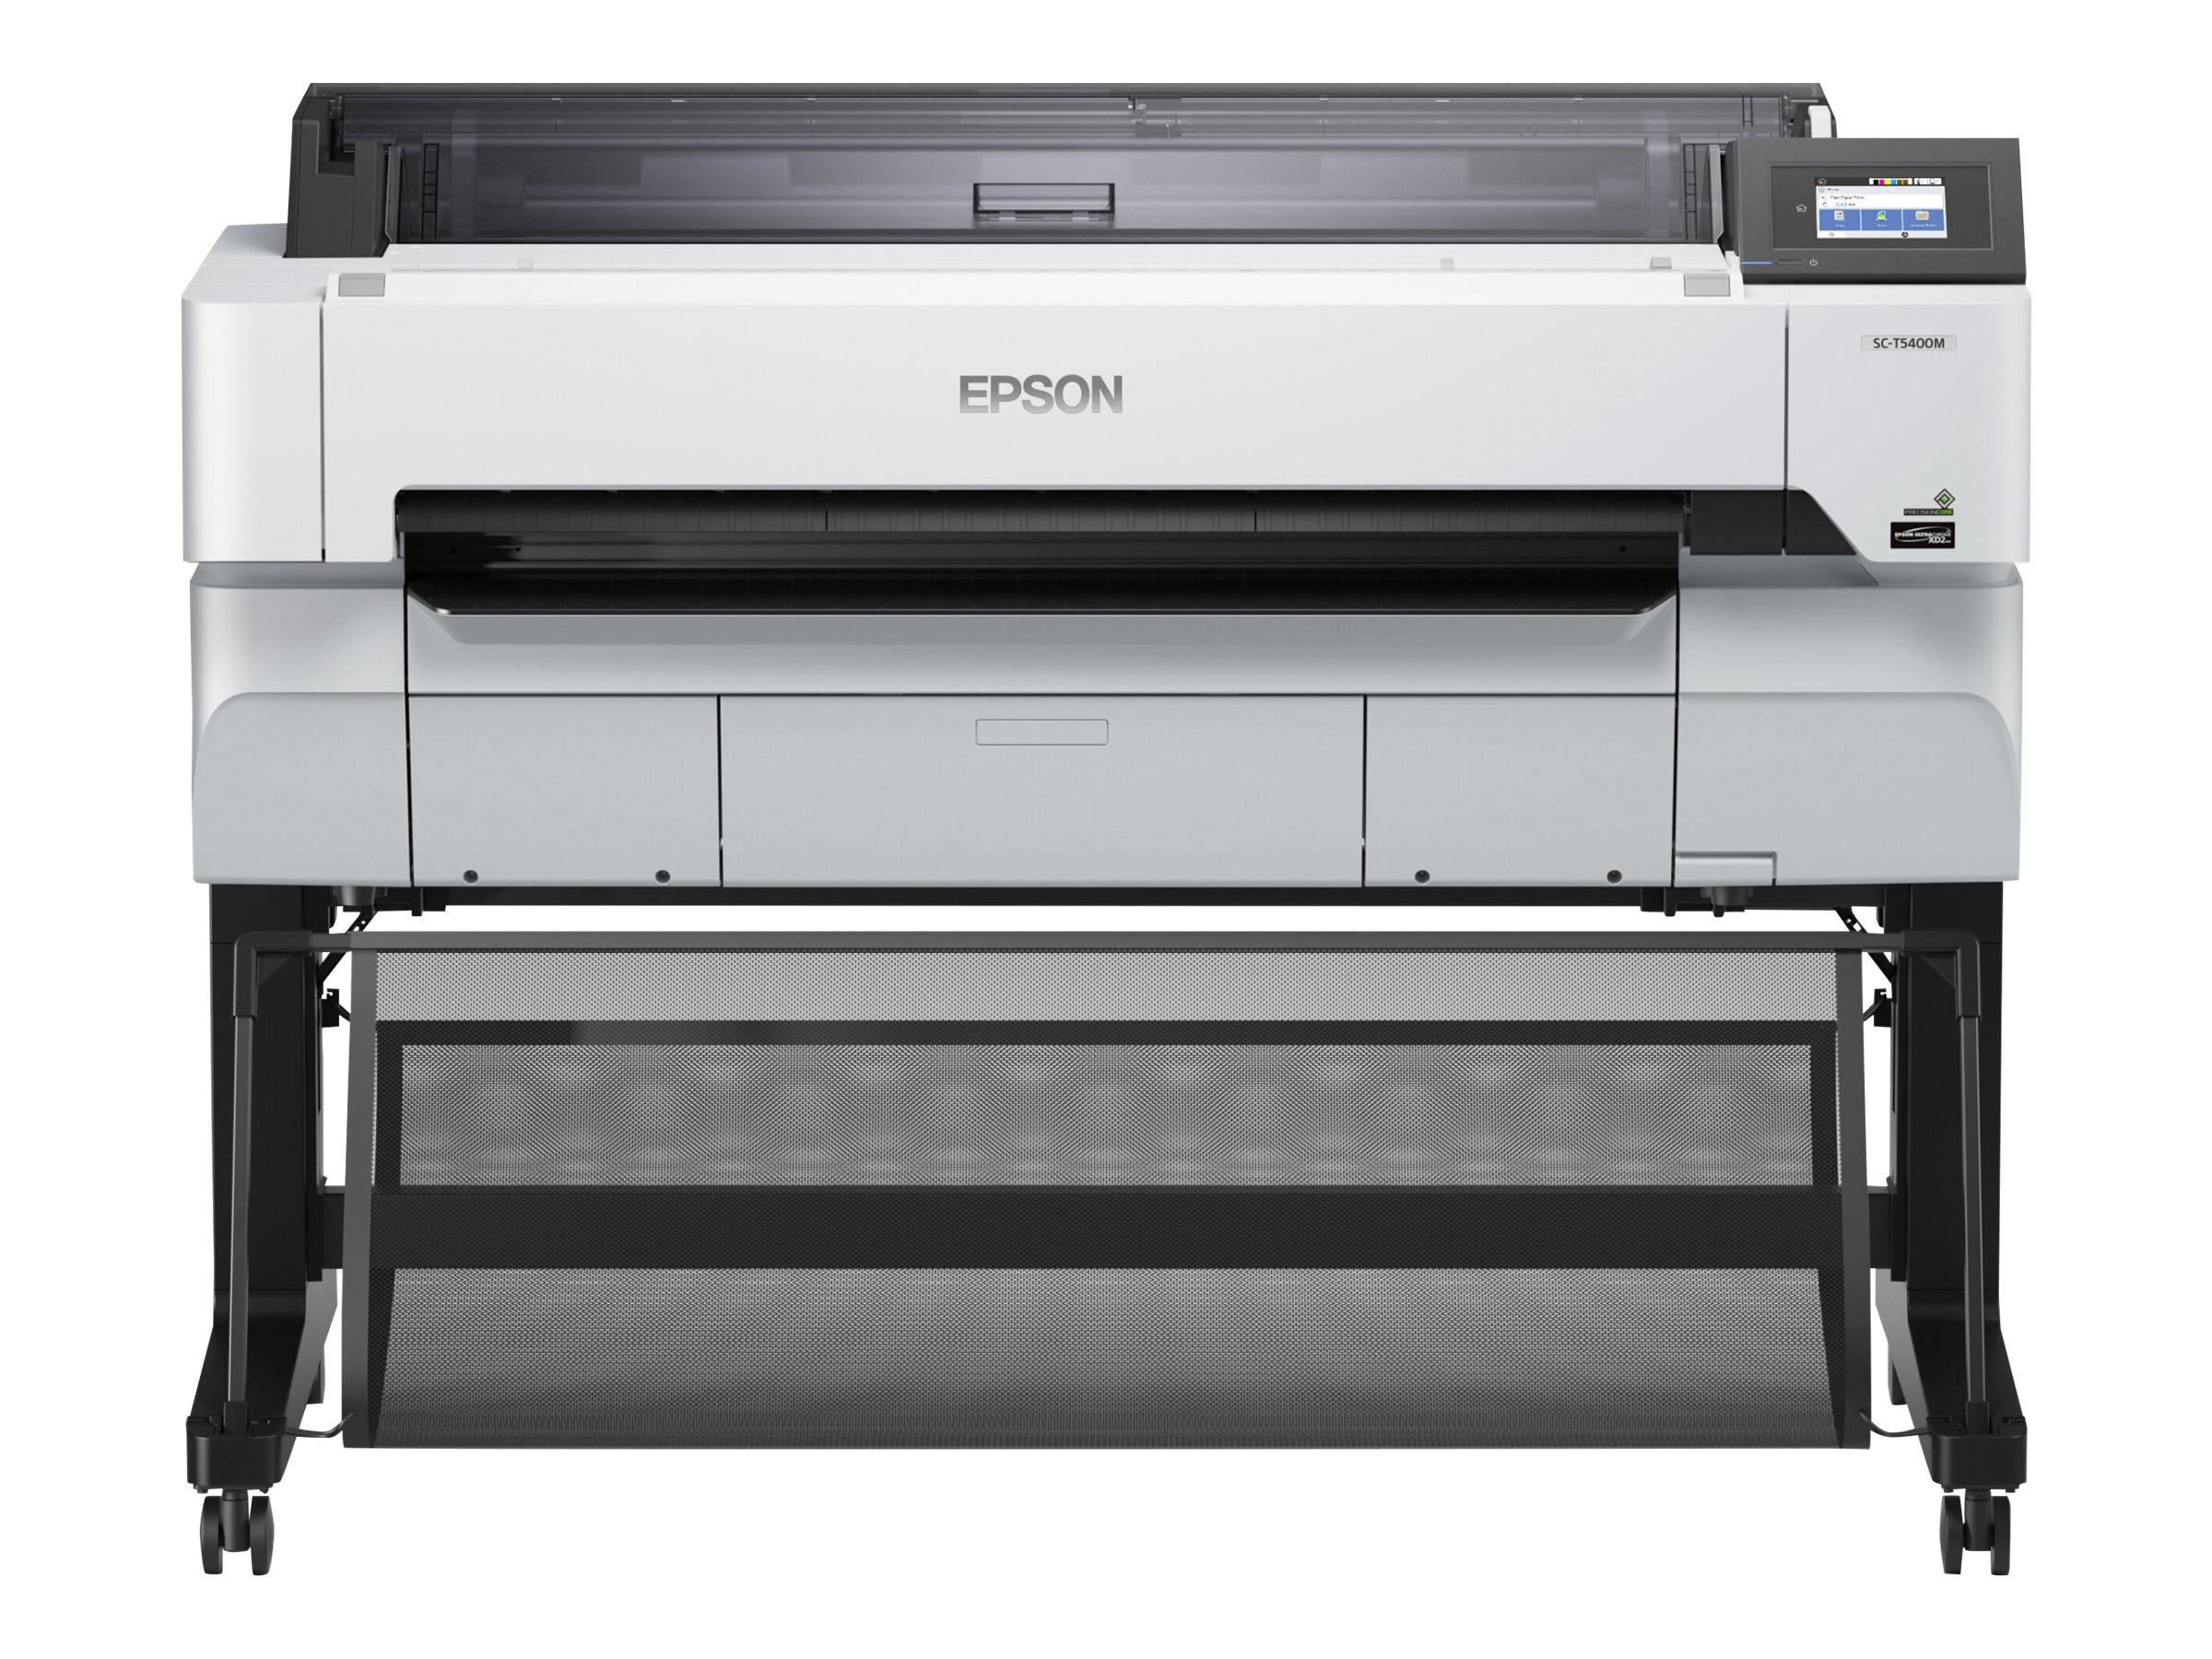 Epson SureColor SC-T5400M - 914 mm (36